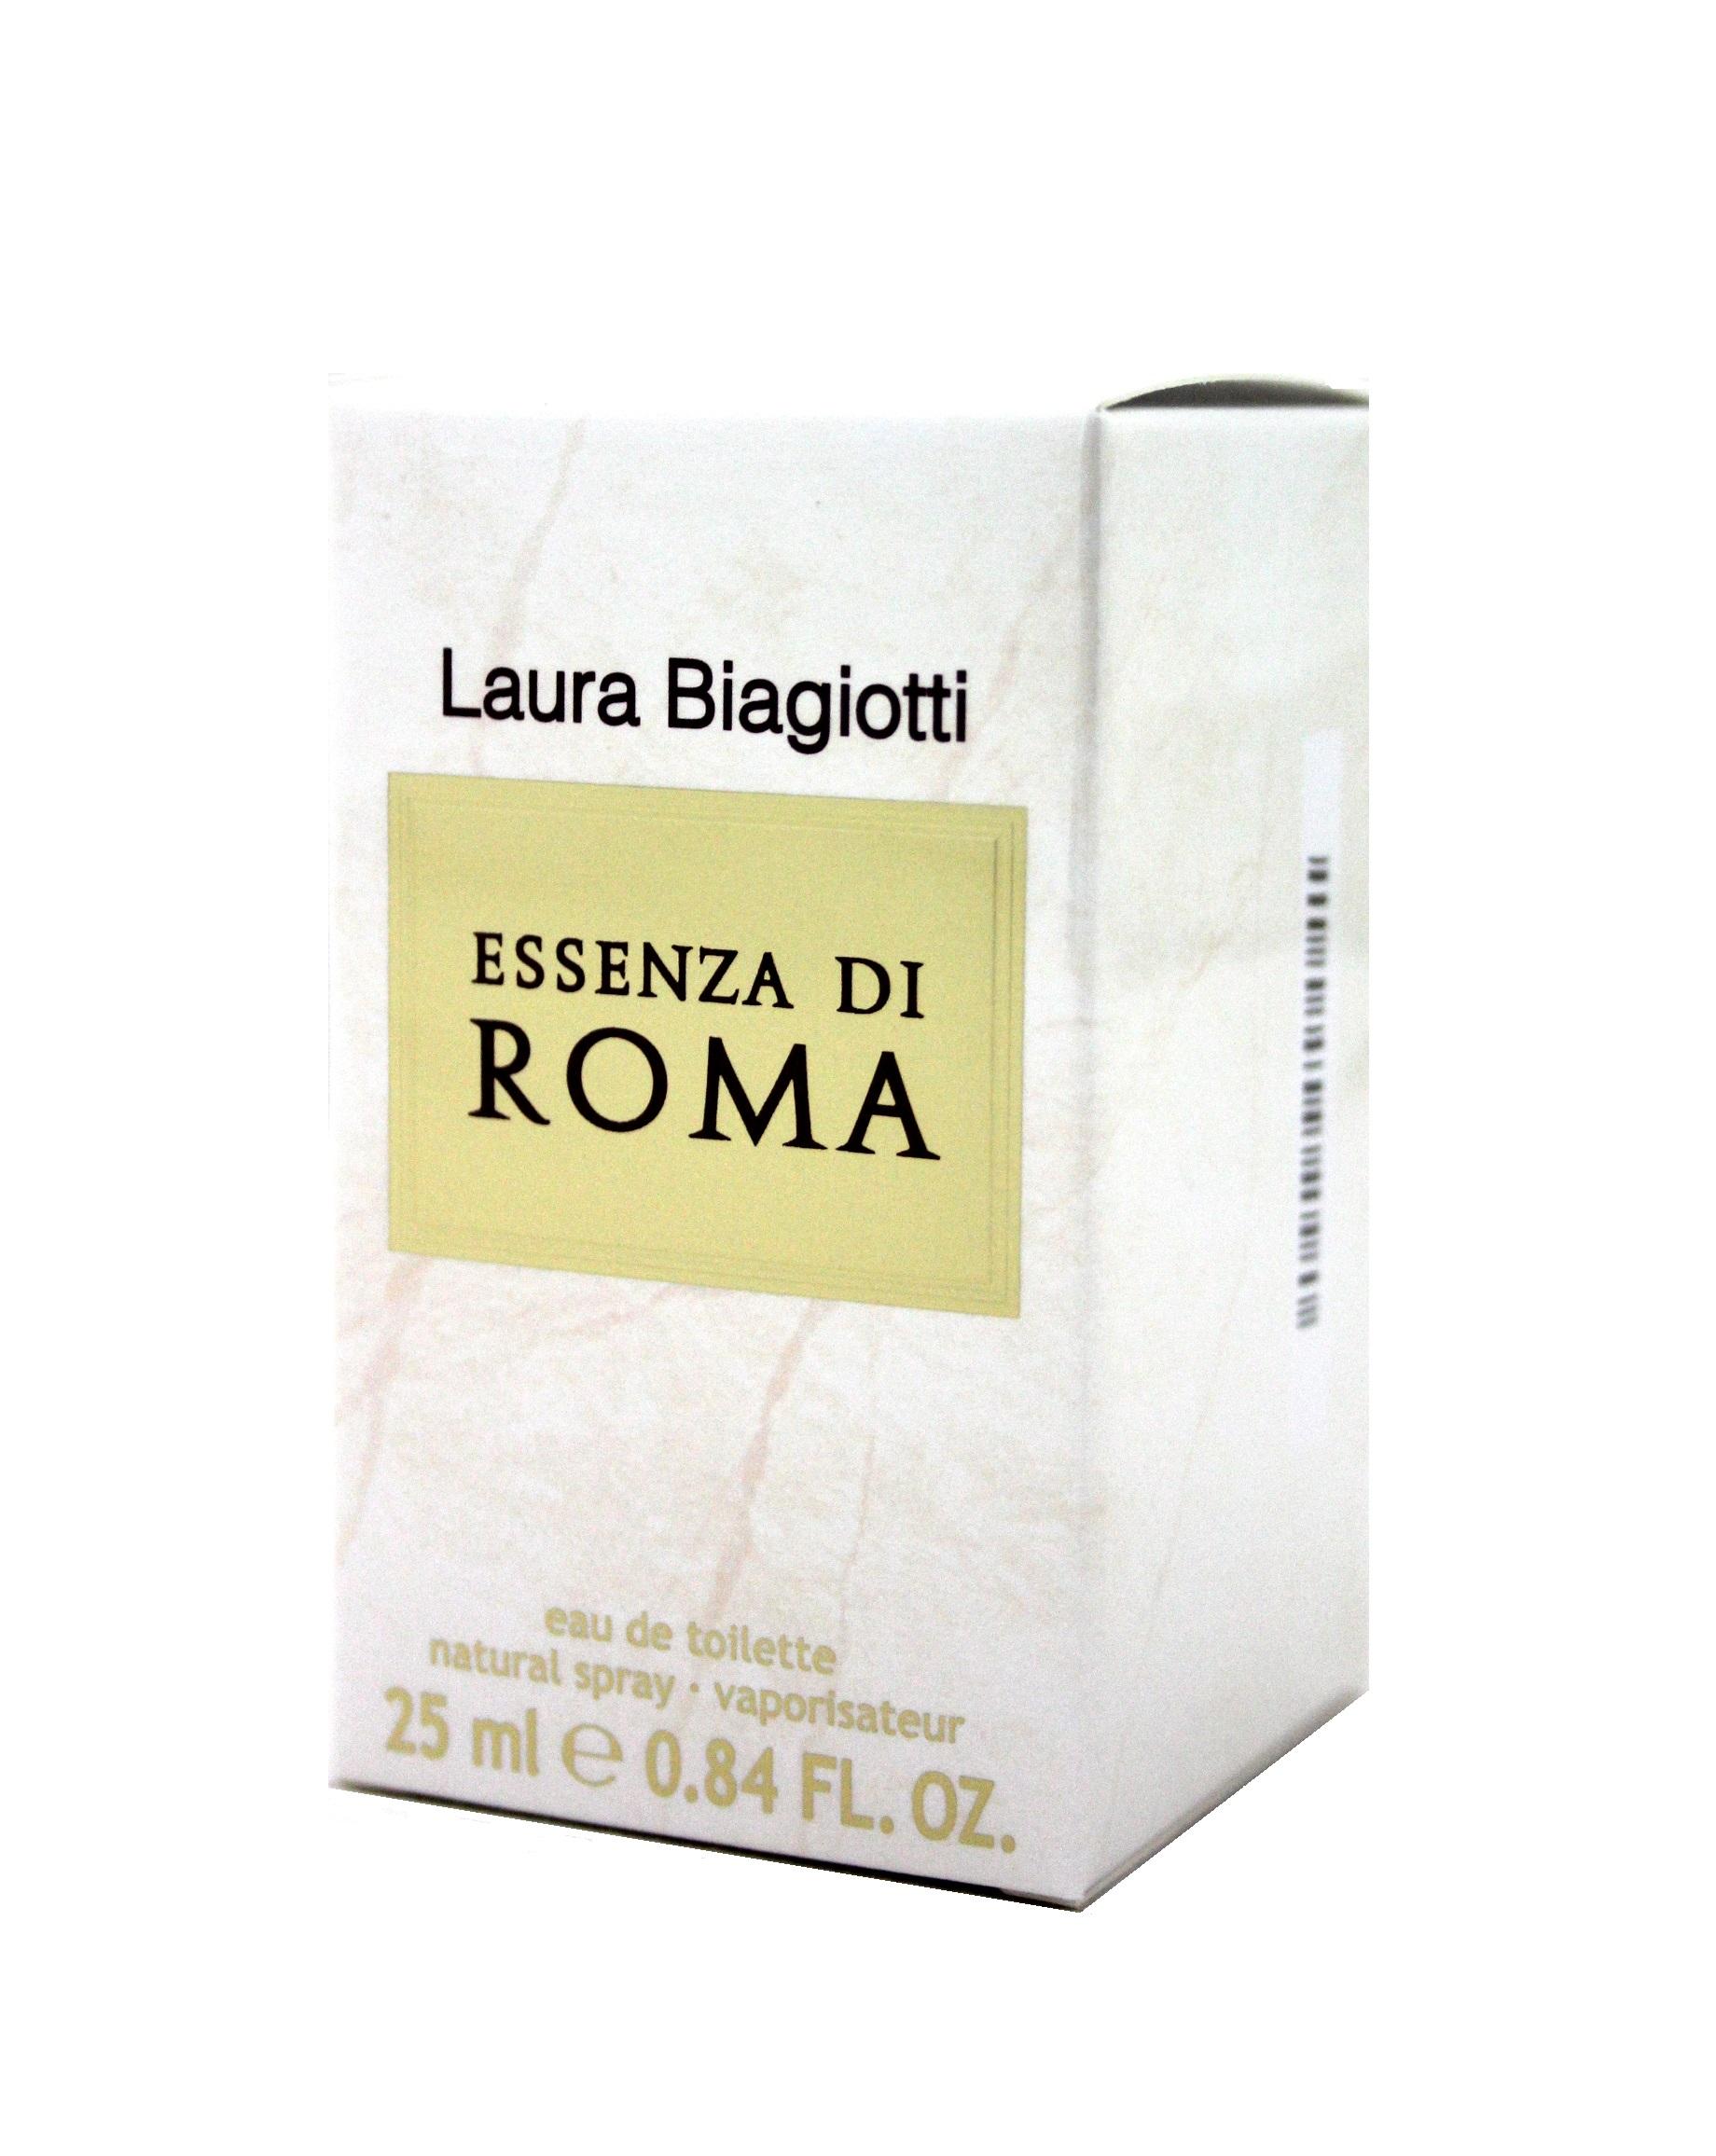 Laura Biagiotti Essenza di Roma Eau de Toilette